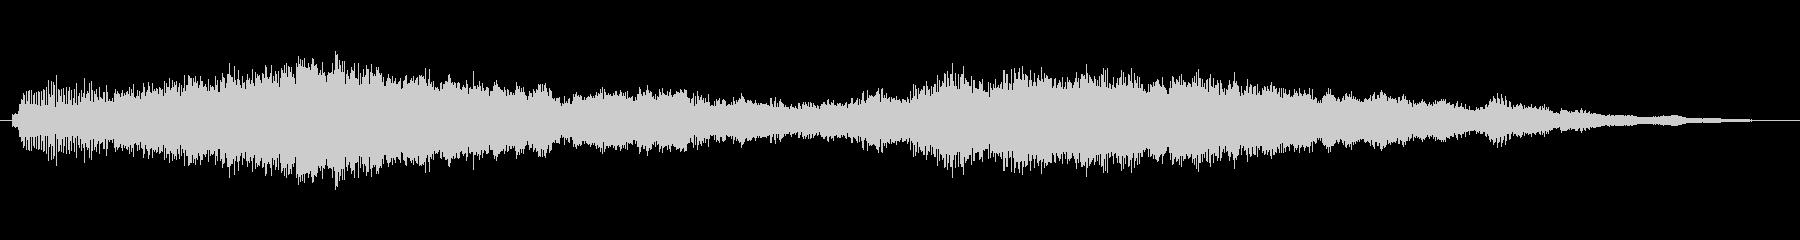 シネマチック・エモーショナルなジングルの未再生の波形